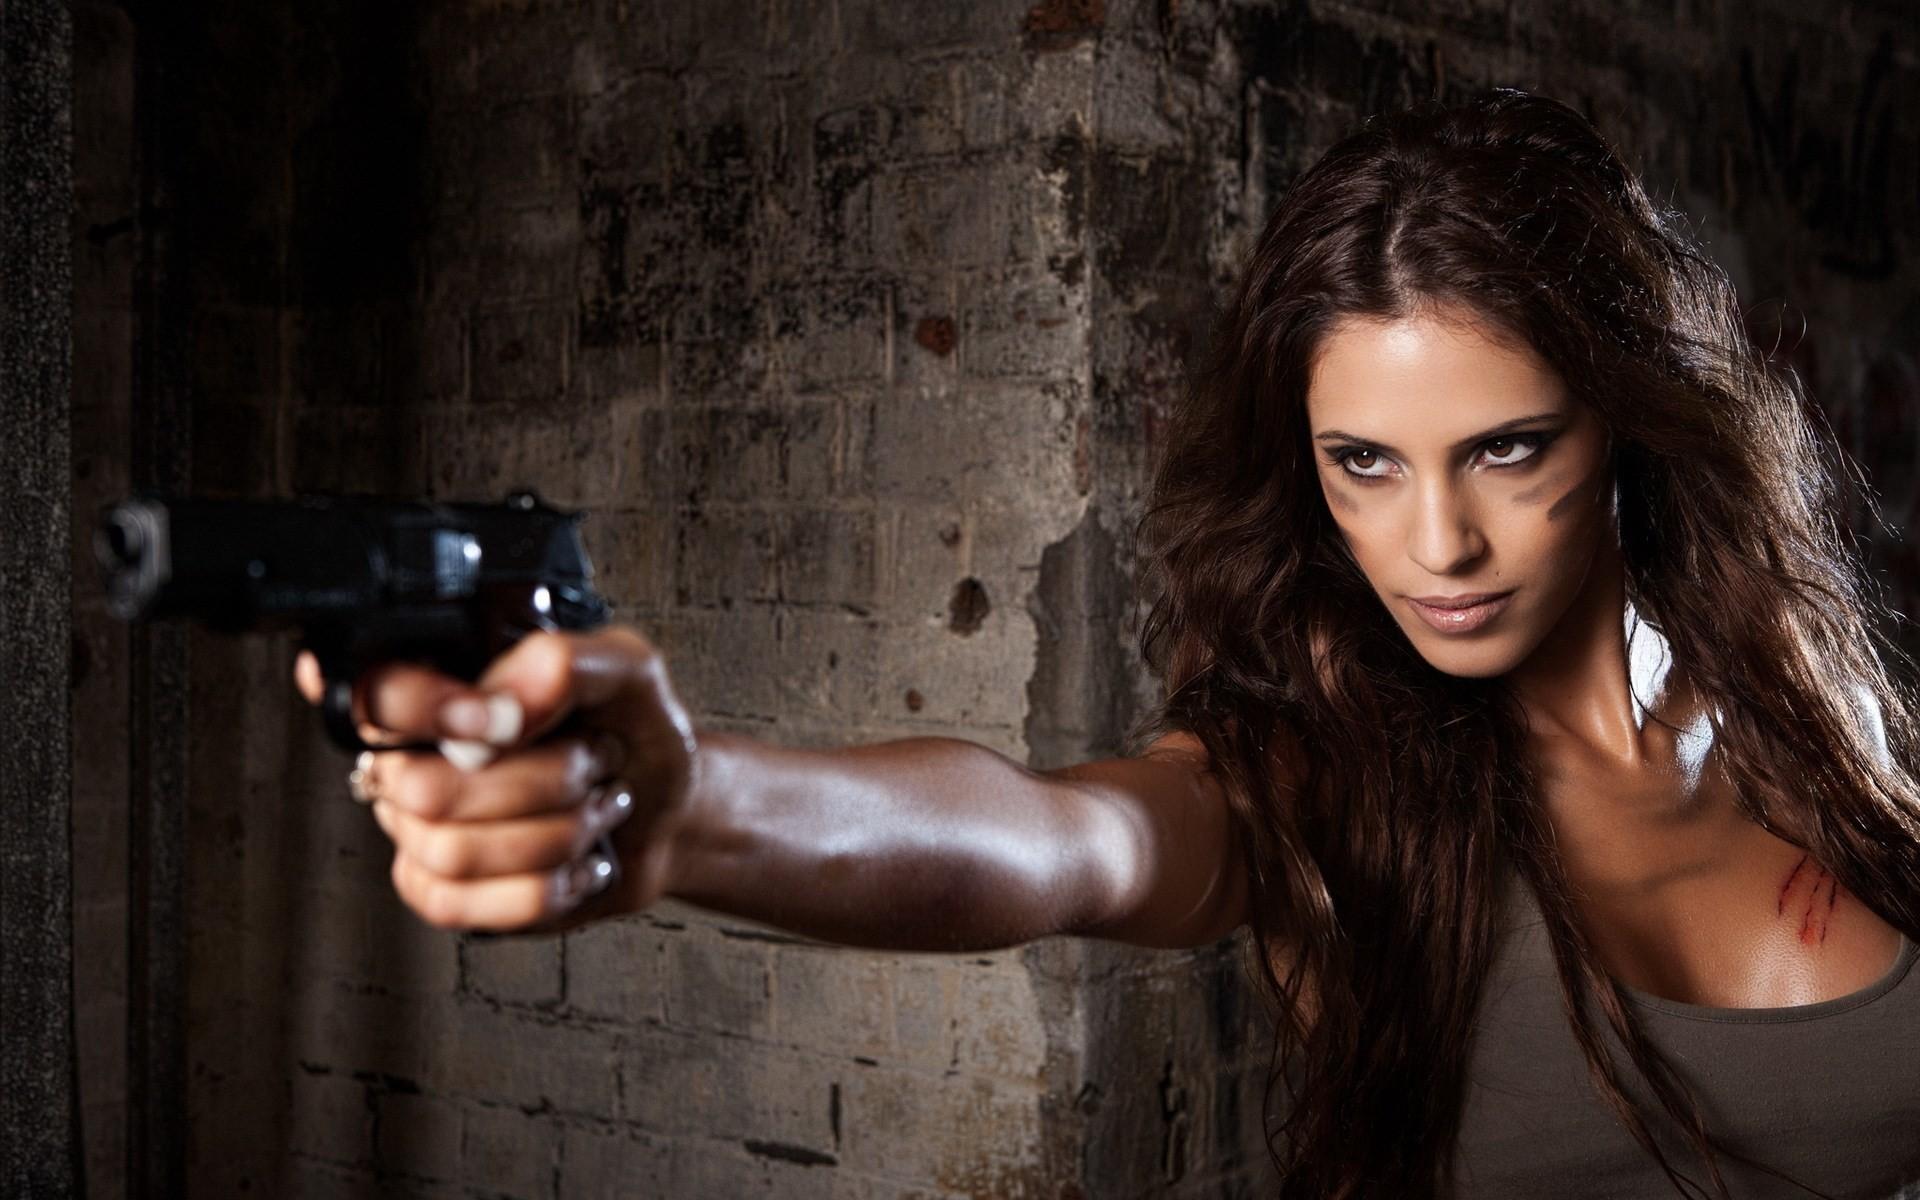 widescreen wallpaper girls and guns, 483 kB – Dodge Murphy